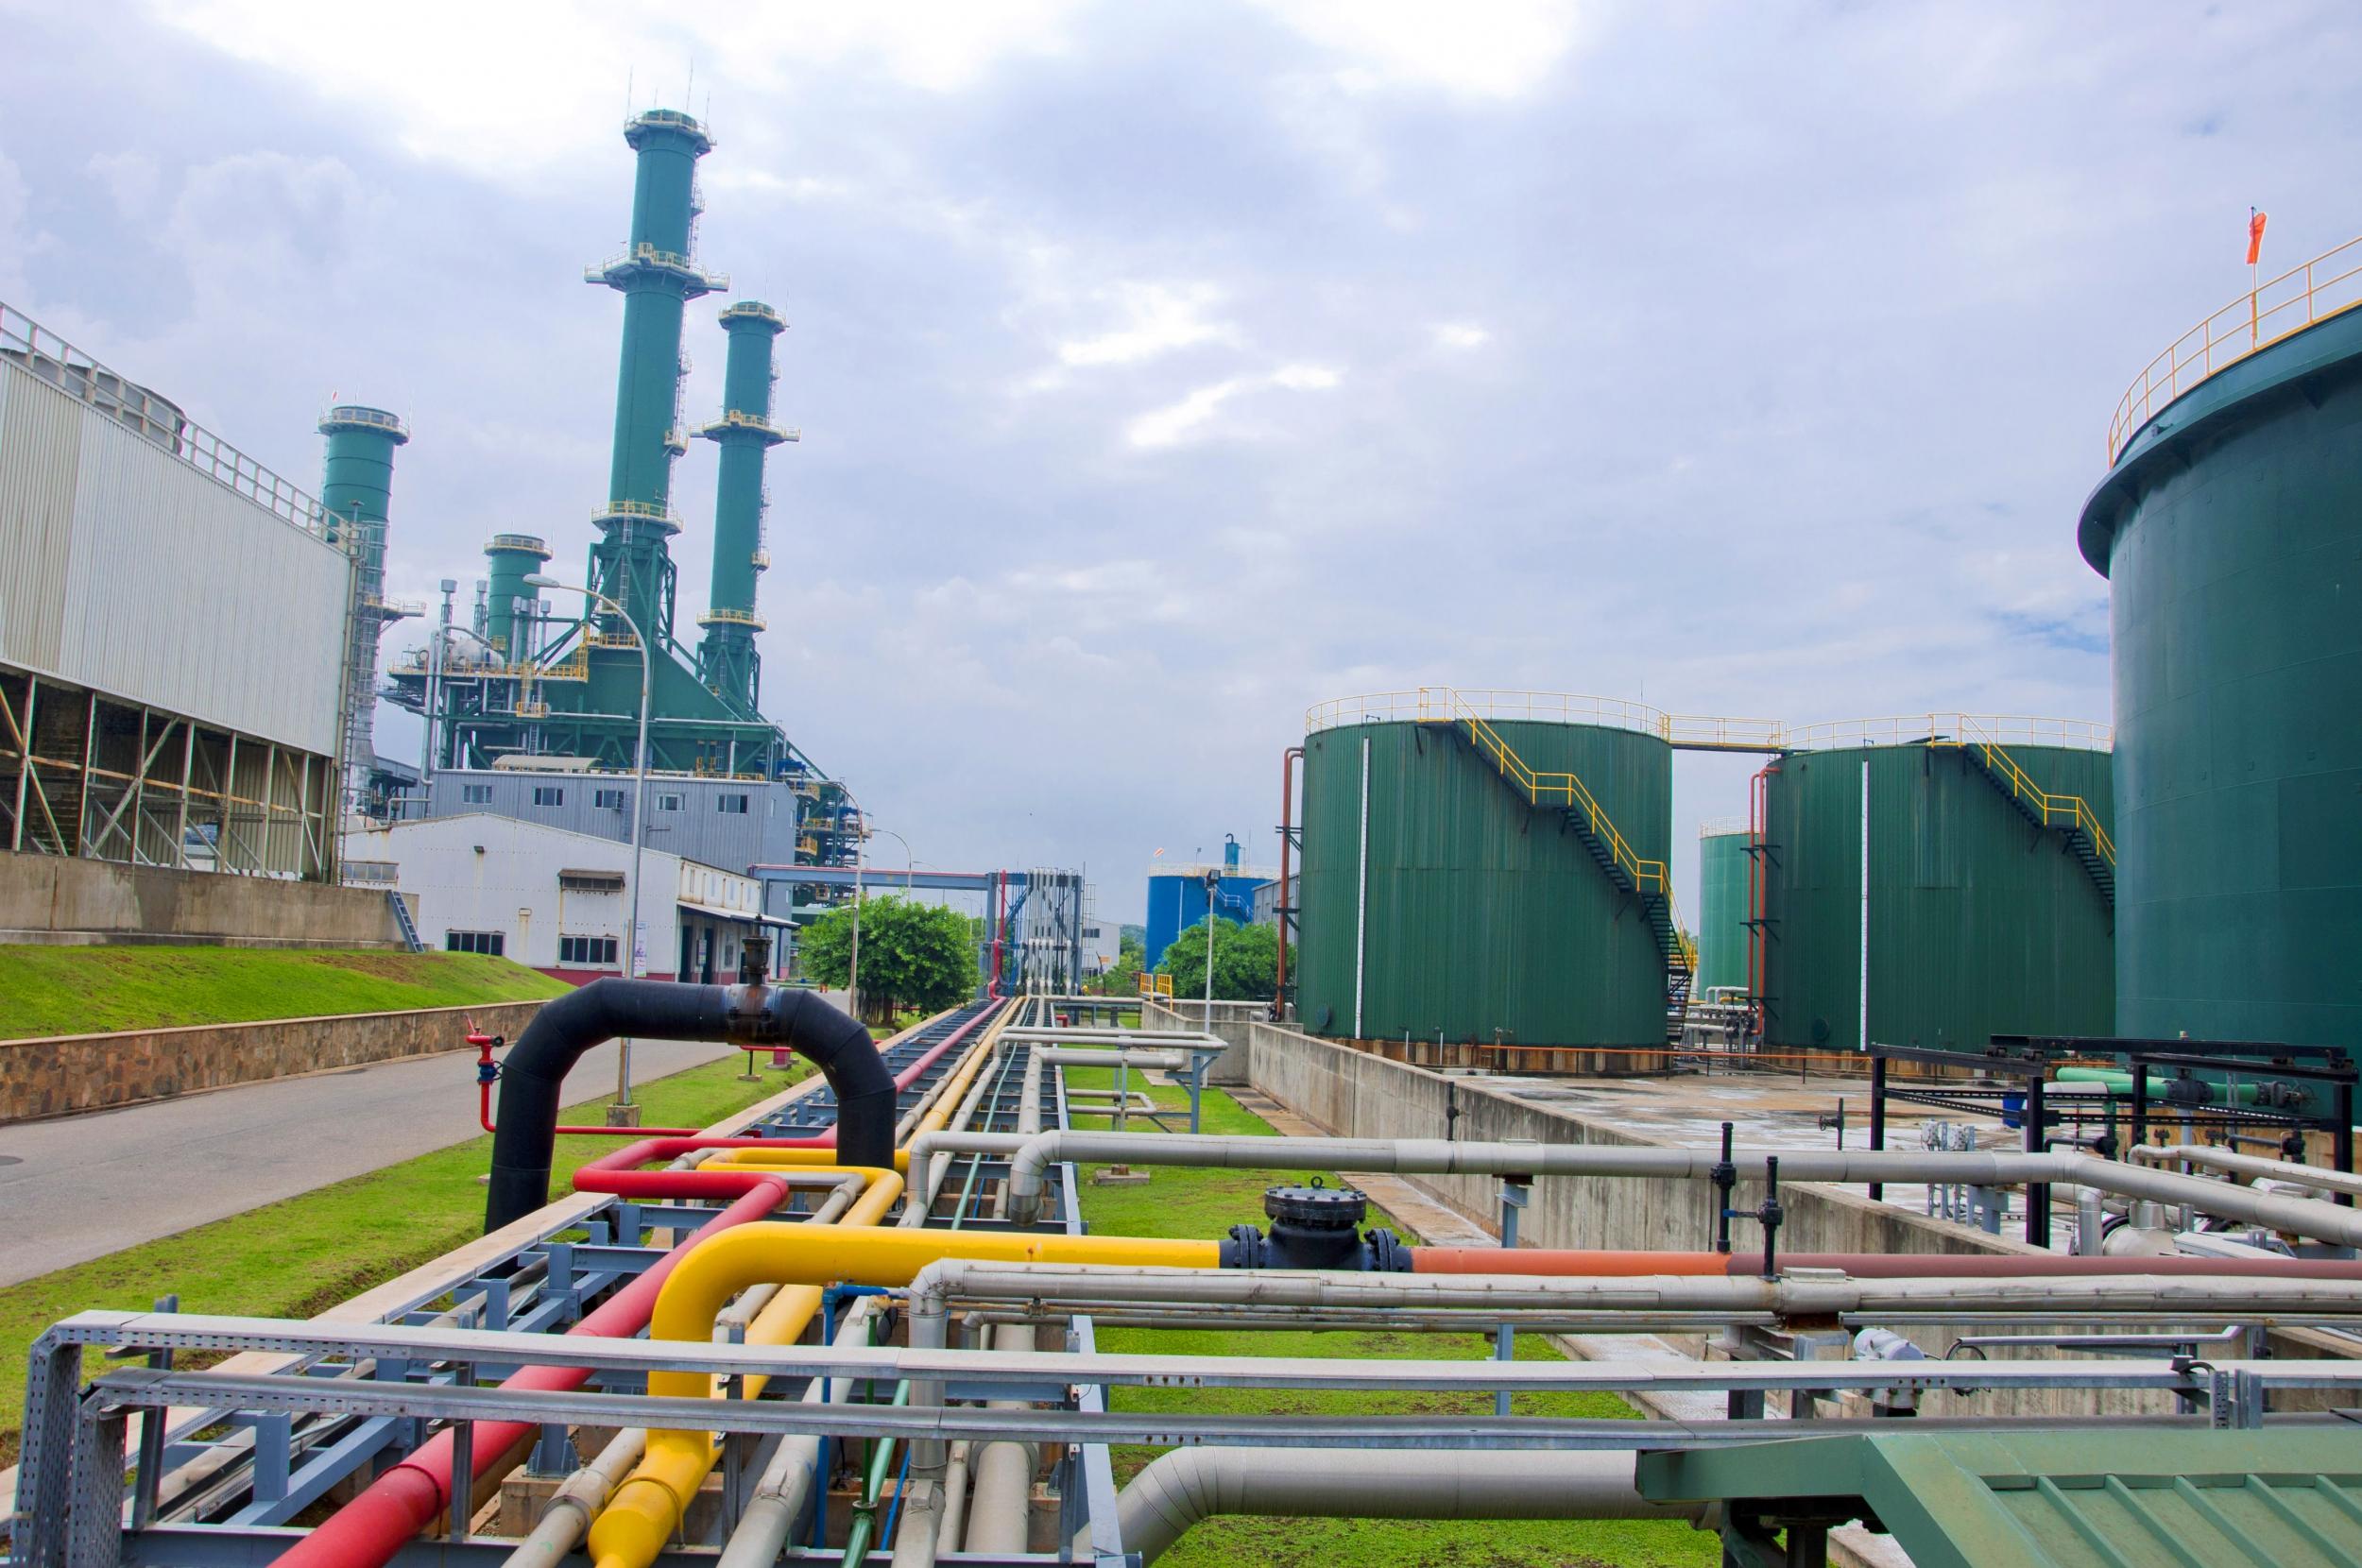 Sri Lanka xây dựng nhà máy điện chạy bằng LNG đầu tiên